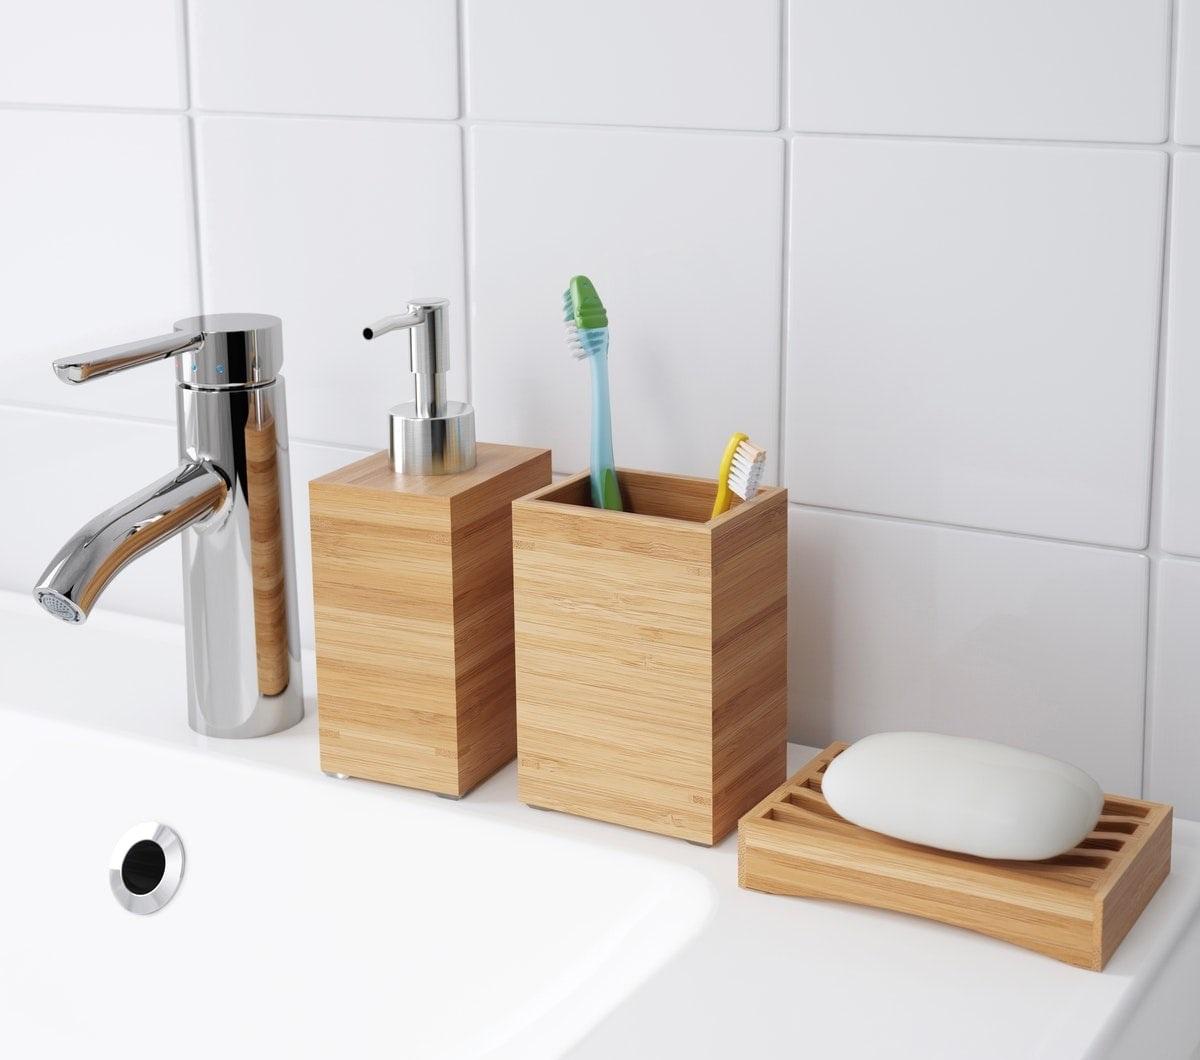 Kamar mandi kreatif dengan perabot bambu